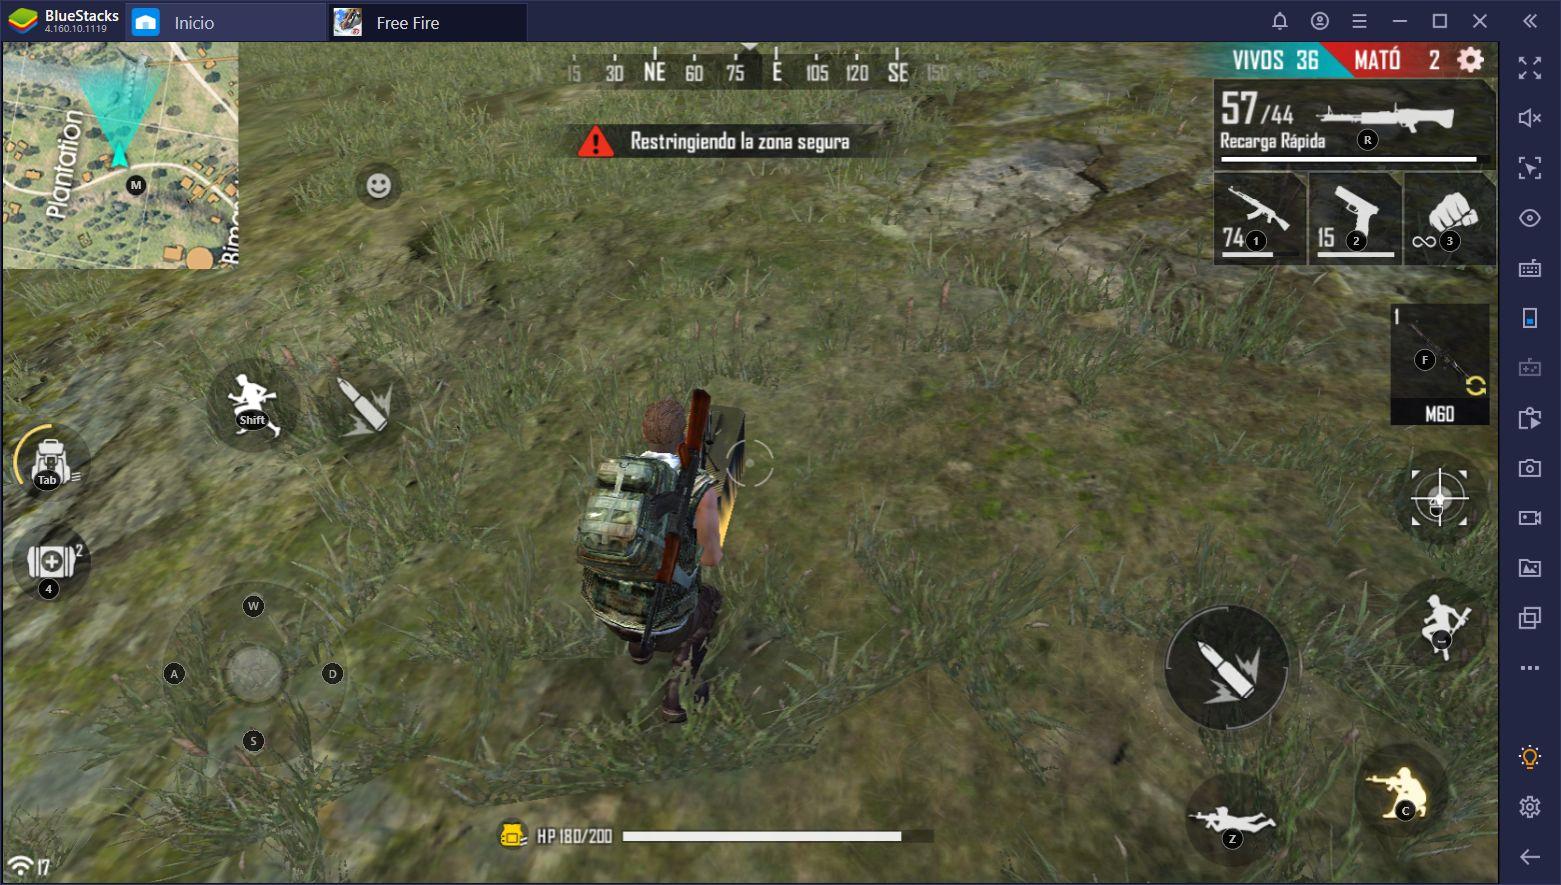 Los Nuevos y Mejorados Controles Inteligentes Para Free Fire y Call of Duty: Mobile en PC